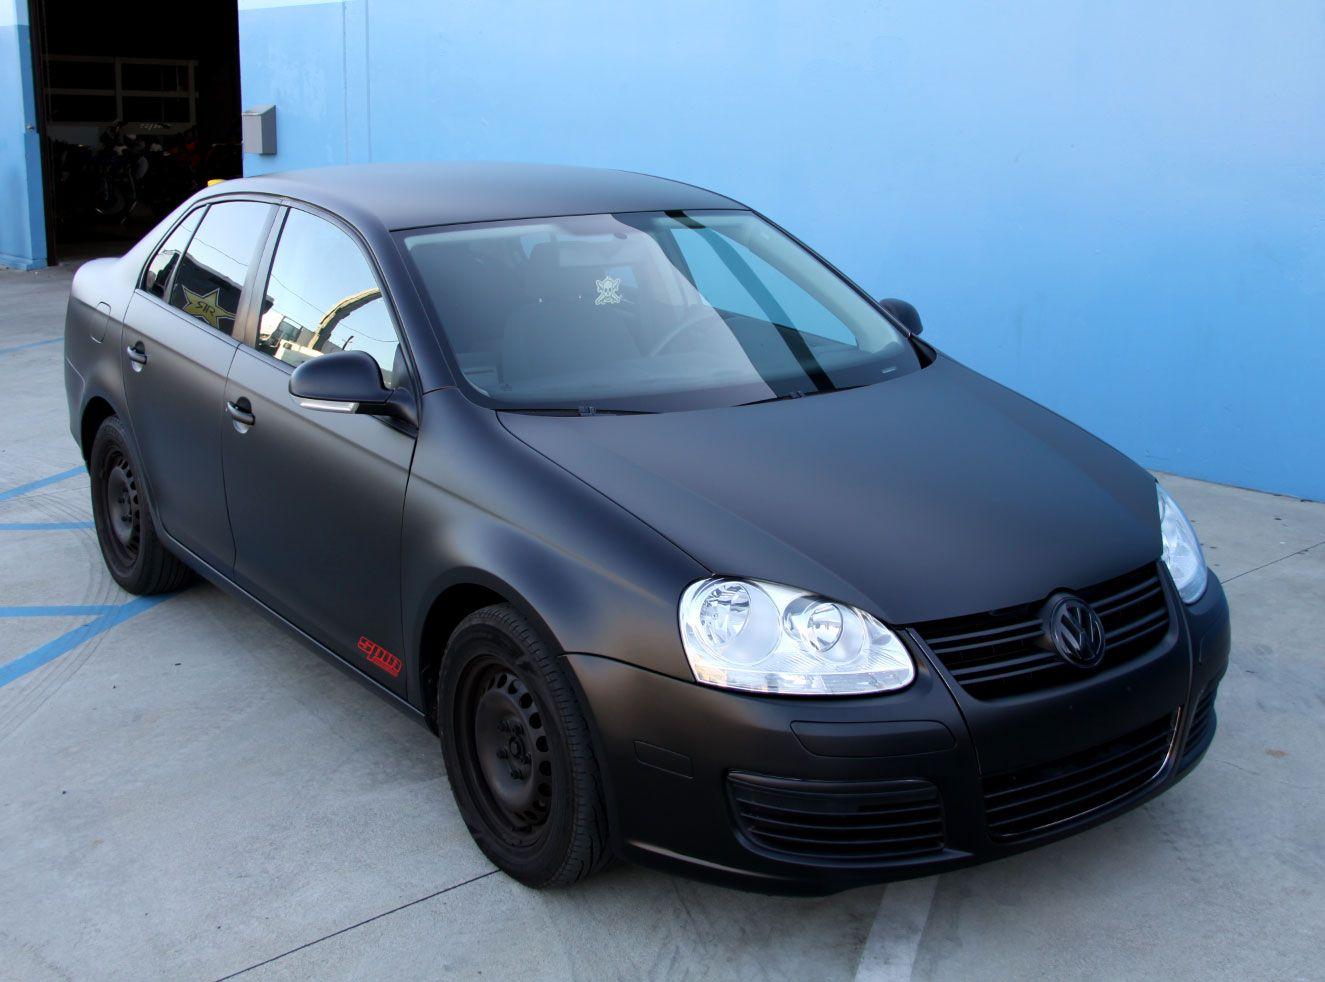 VW 06 vw jetta 2.5 : VW Jetta 2006-2009 Black HID Projector Headlights LED DRL | Jetta ...